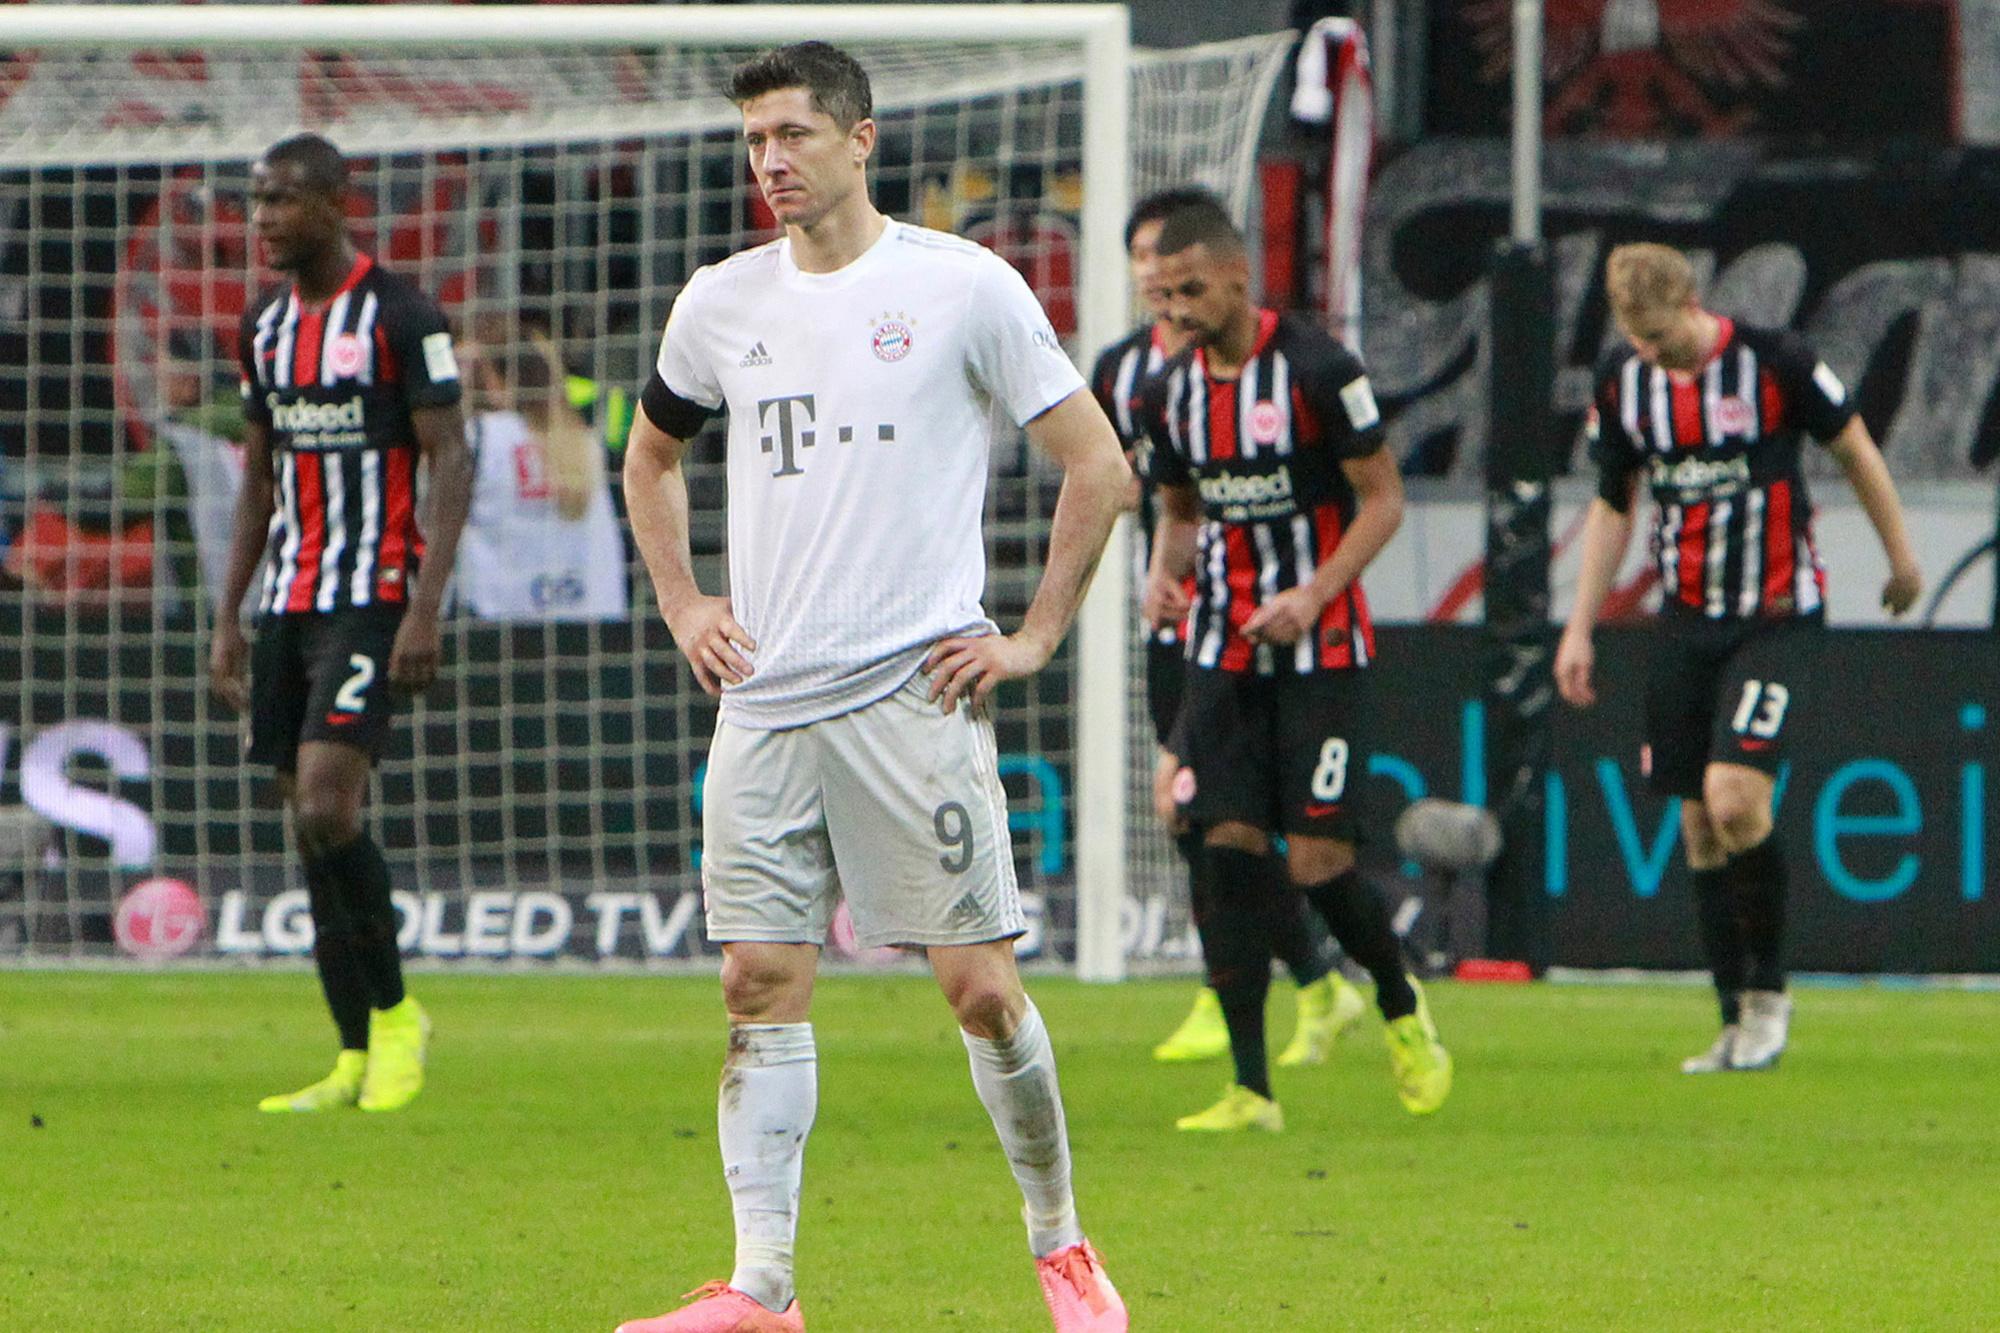 Dit weekend won Frankfurt nog met 5-1 van Bayern., Belga Image